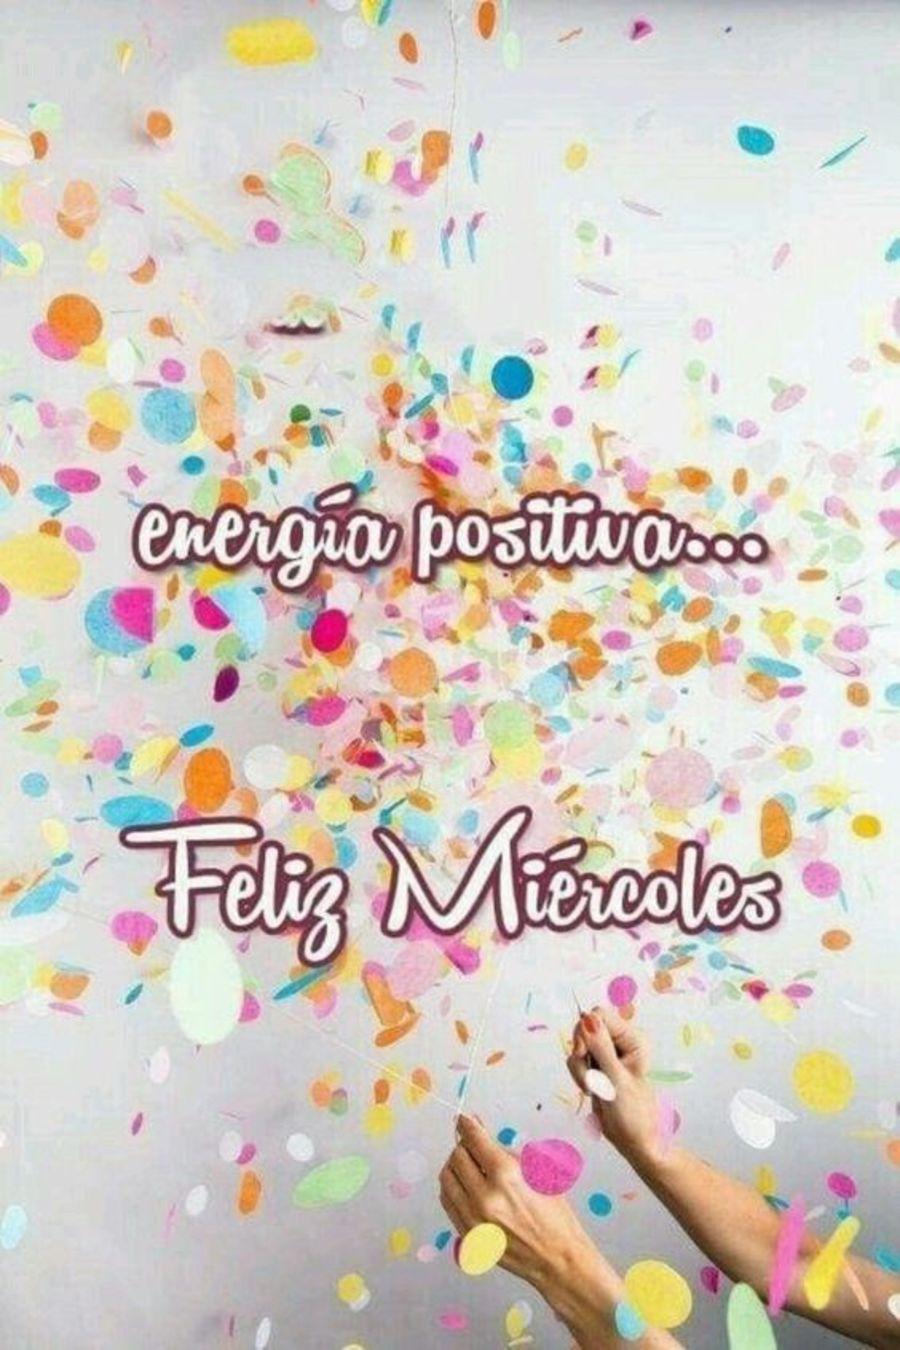 Energia positiva feliz miércoles